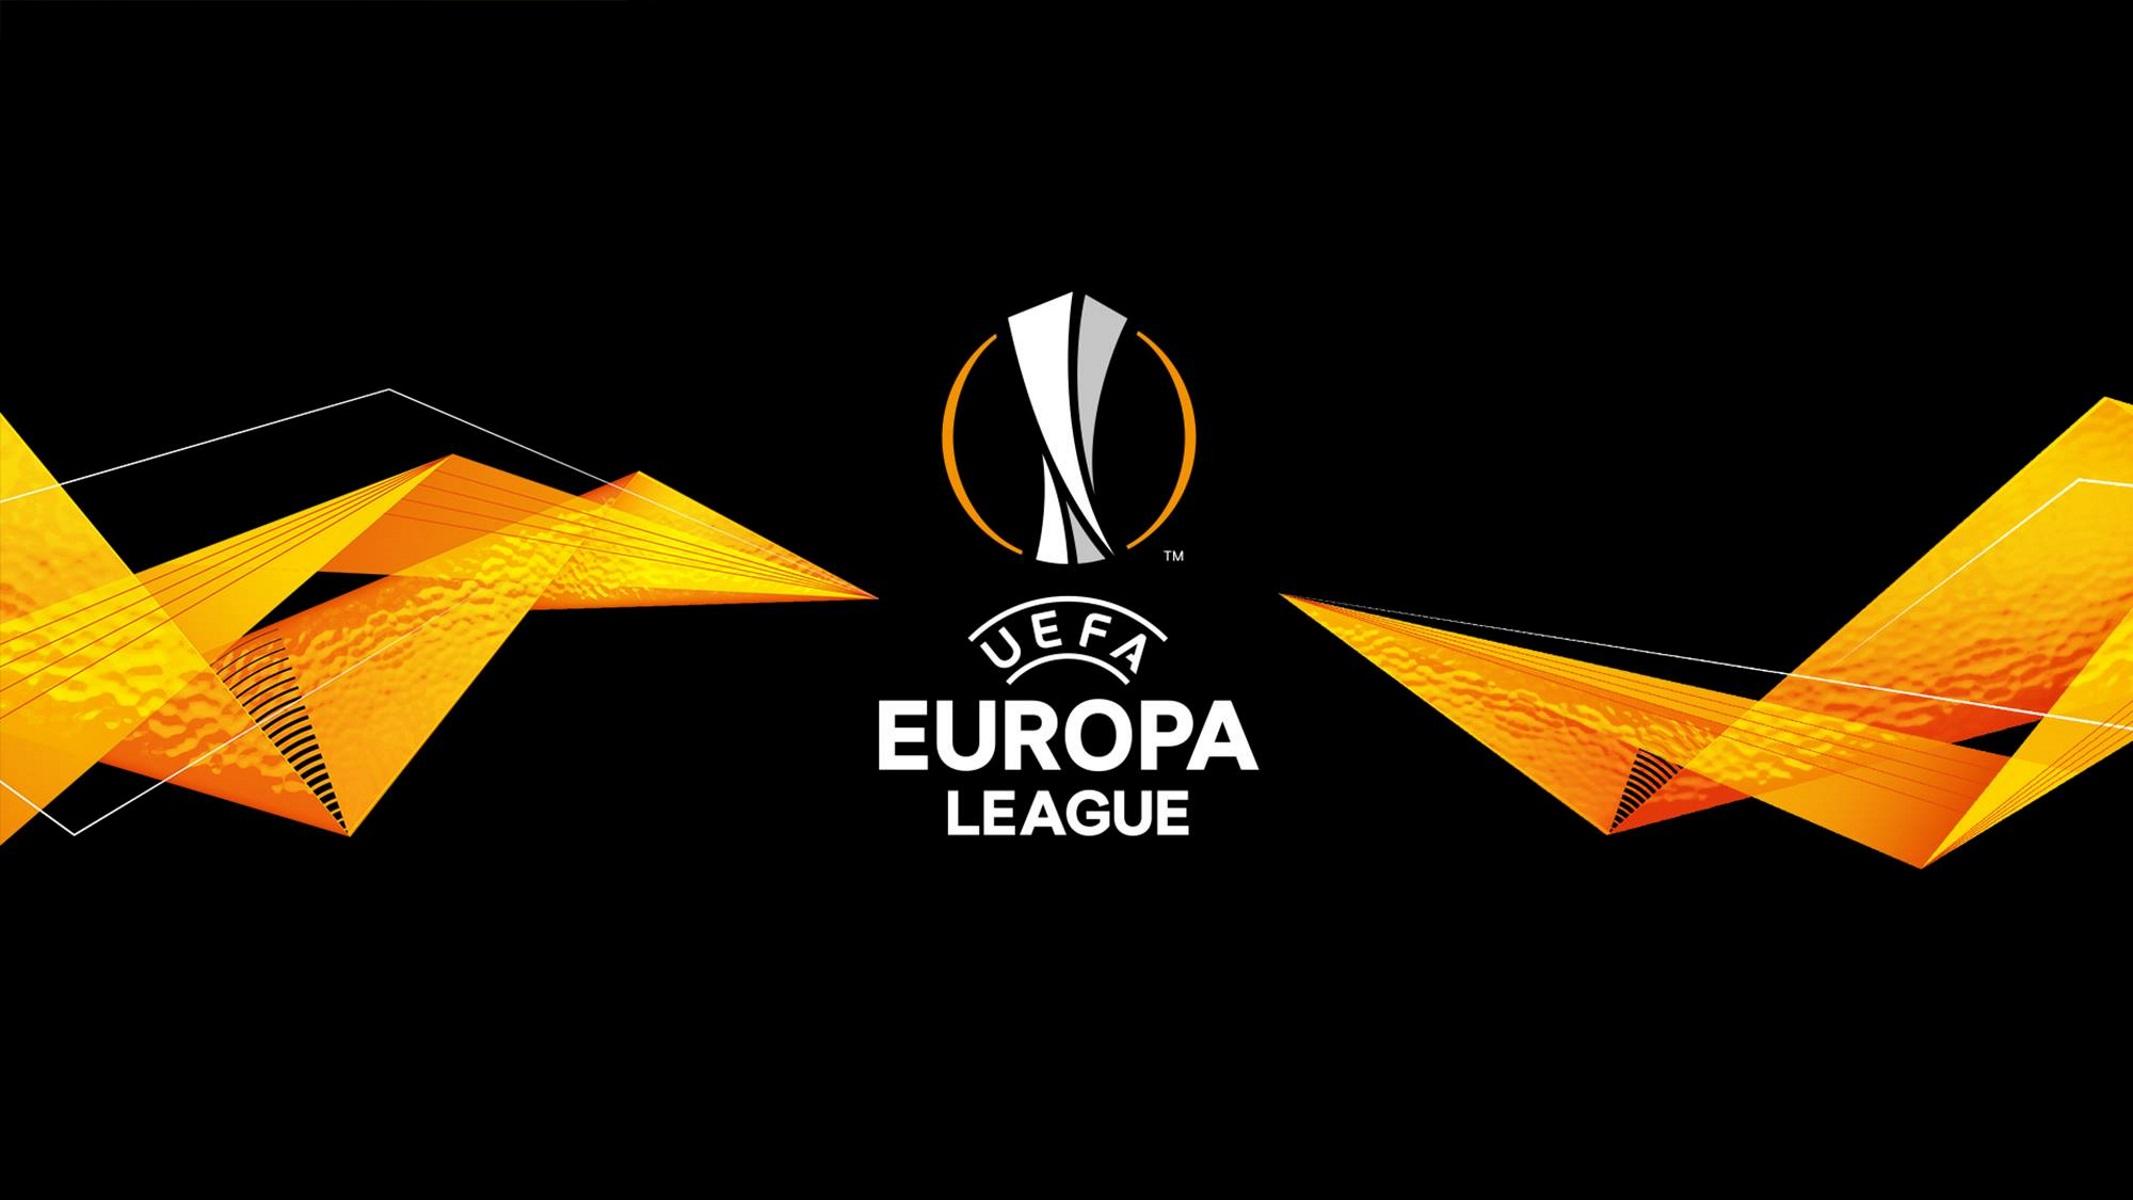 """Δημάτος – Europa League: """"Η ΑΕΚ… σημαδεύει στον αποκλεισμό τριών ομάδων"""""""